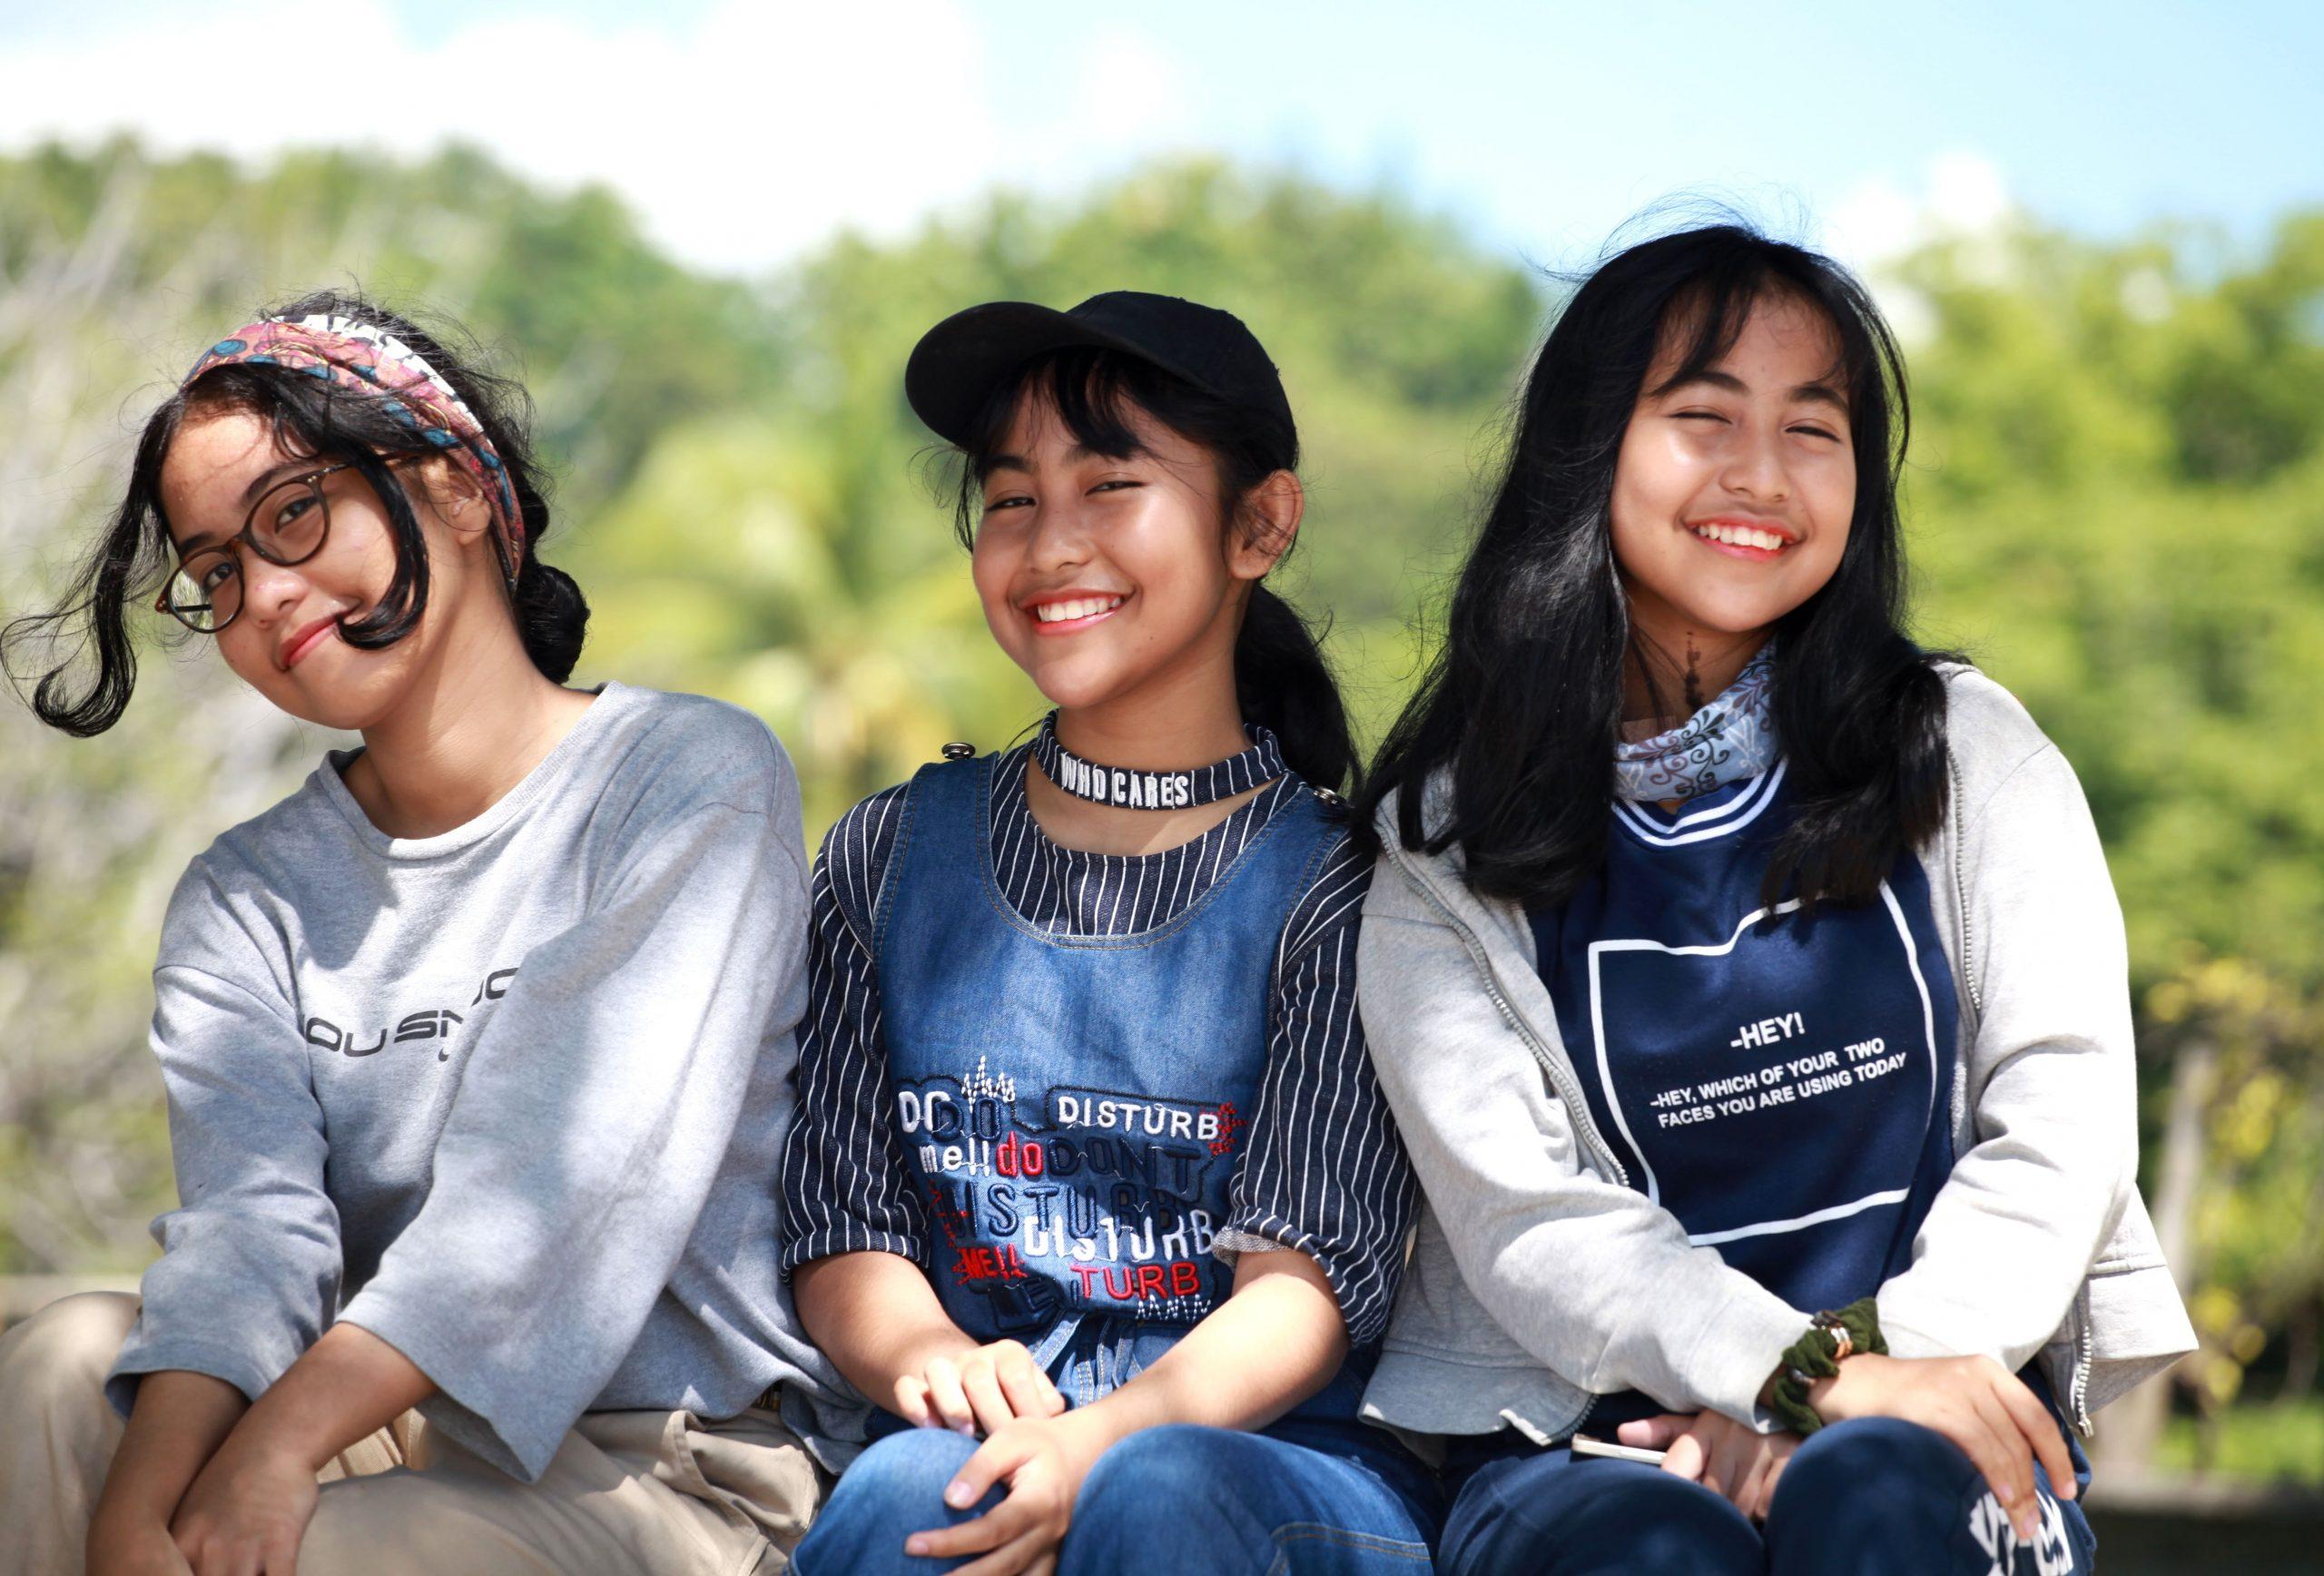 Participez à l'événement de lancement du rapport sur le travail des enfants du ministère du Travail des Etats-Unis !